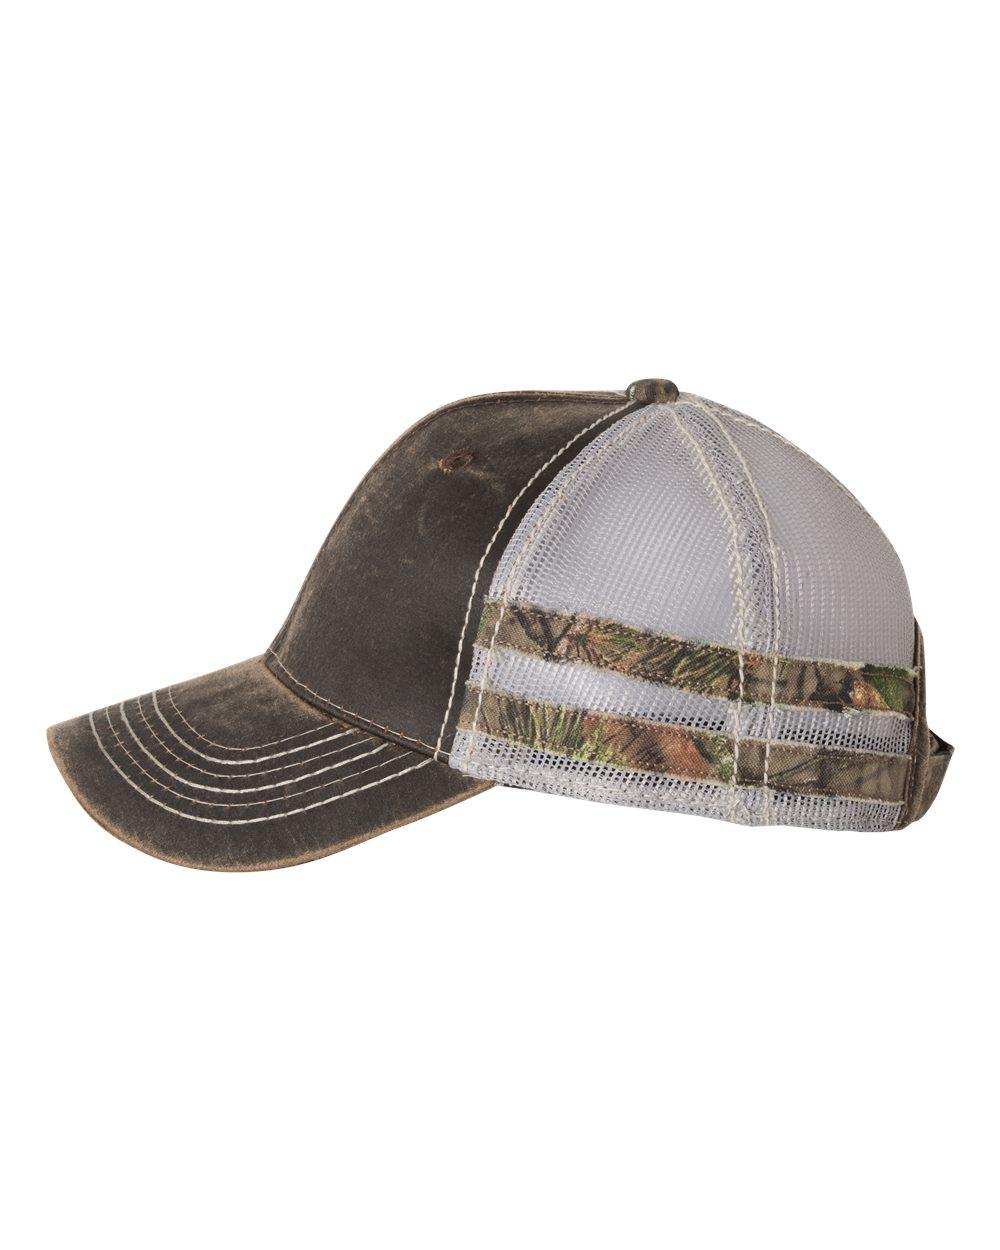 781d697081d Outdoor Cap HPC400M - Frayed Camo Stripes Cap  6.25 - Headwear